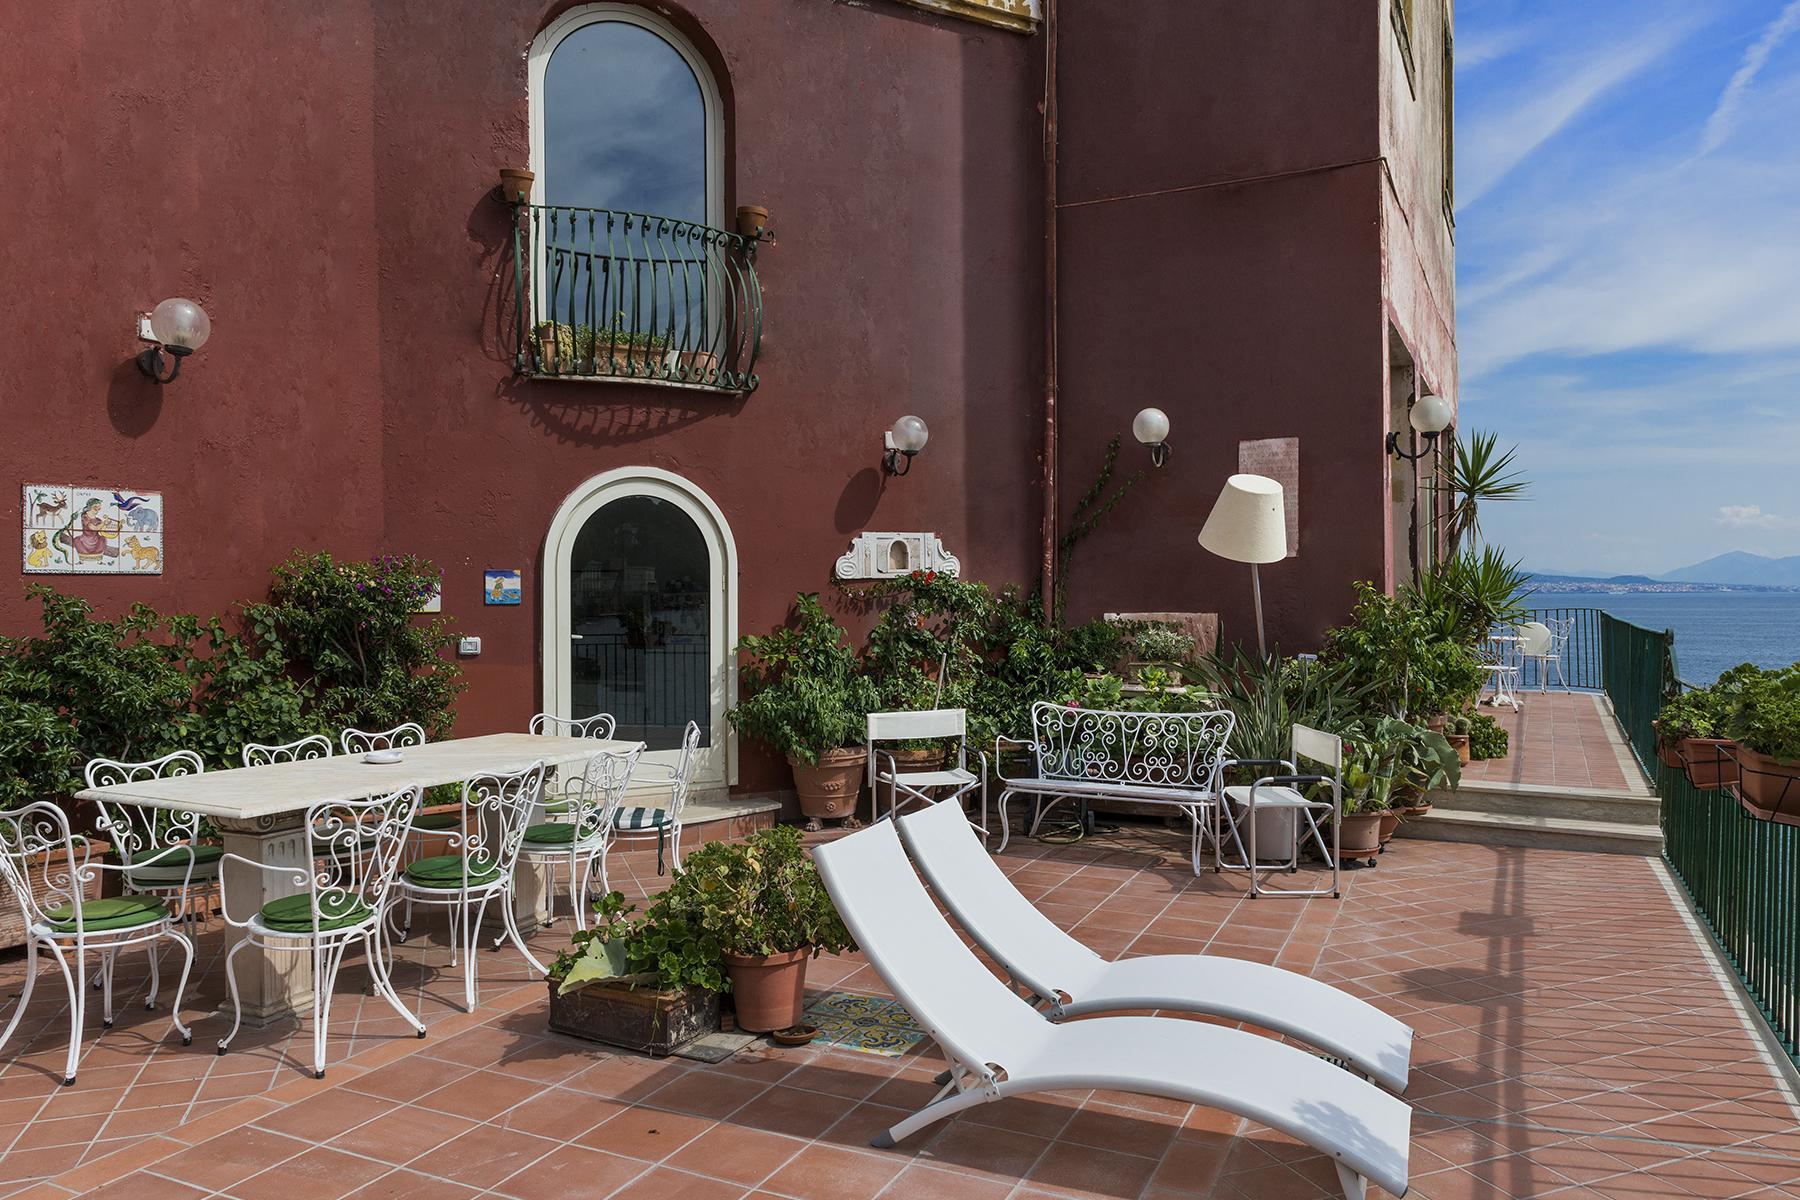 Первая линия моря! Потрясающие апартаменты в старинной вилле в Неаполе, Италия - 29